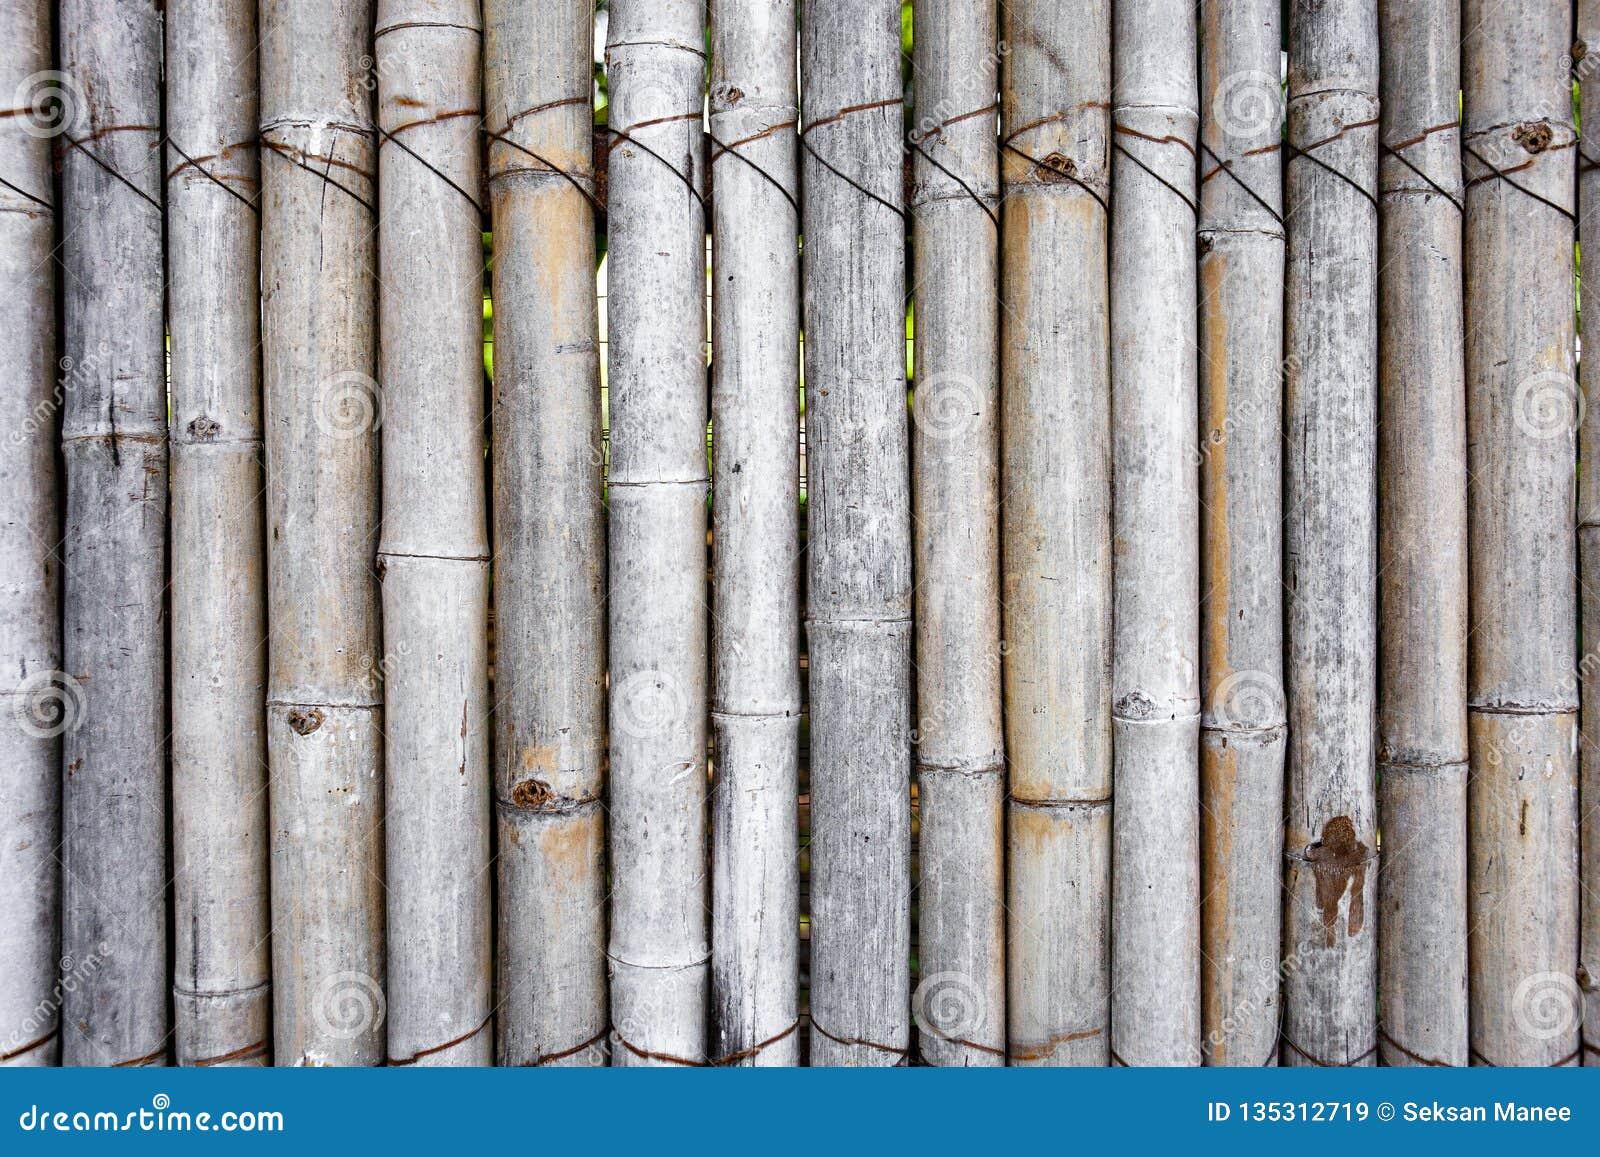 Décorer Un Mur De Jardin vieille clôture en bambou pour le jardin, le mur ou la